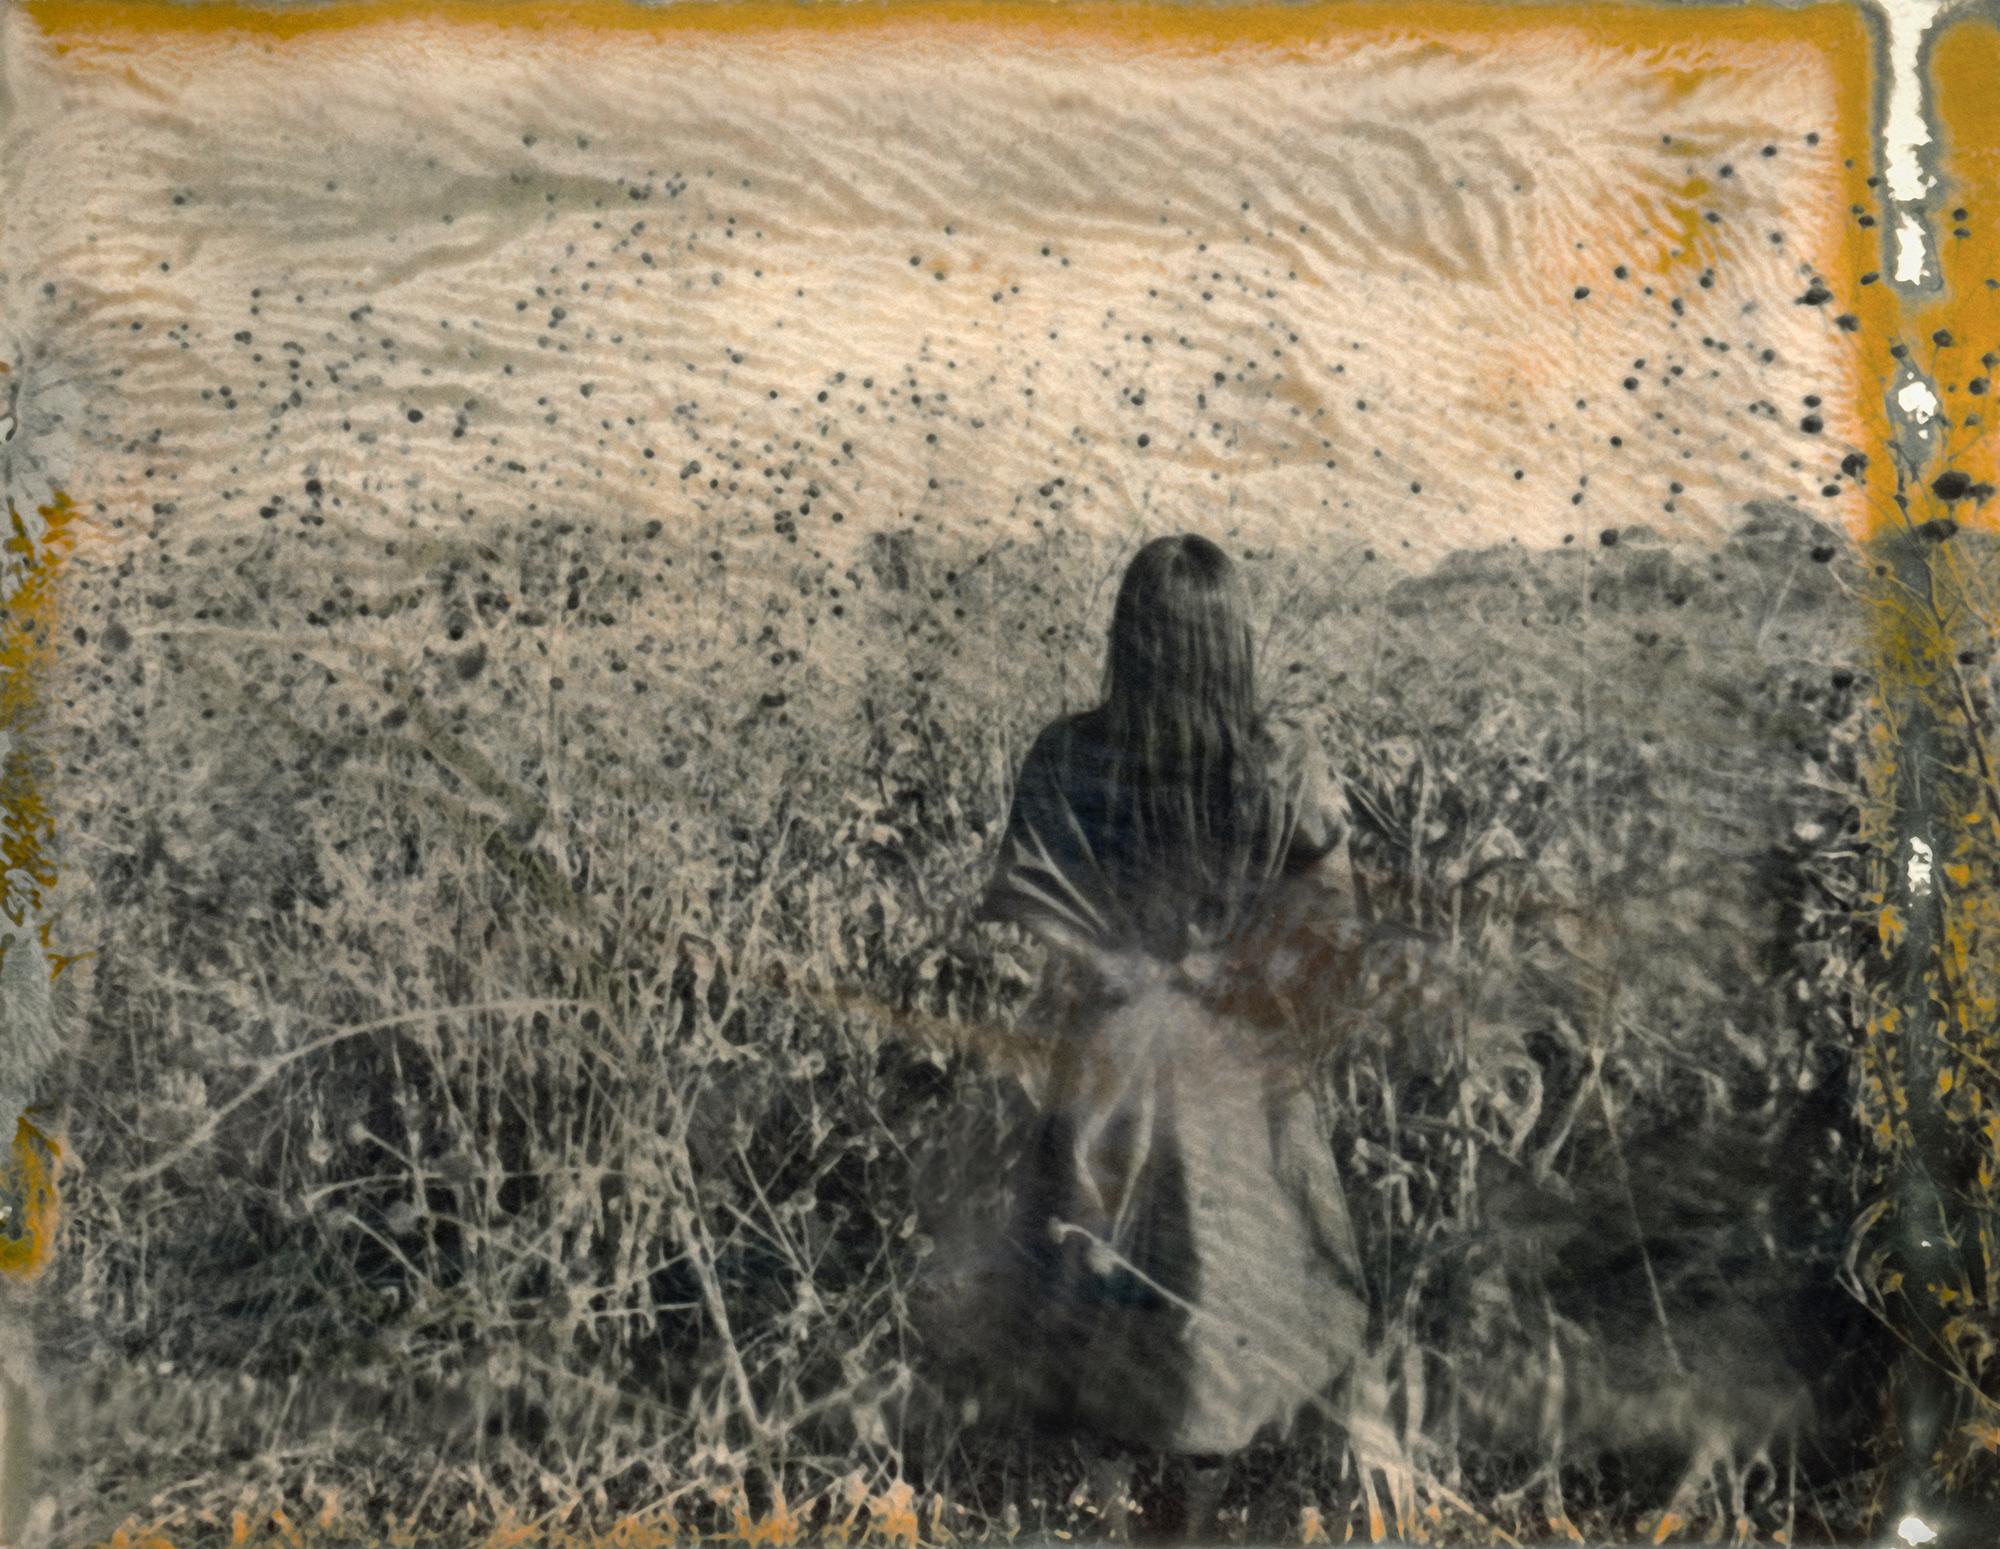 © Lisen Stibeck Titel: untitled  No 2 Plats/Datum: Mexico 2019  Bildmått: 40 x 54 cm  Teknik: Polaroid / Arkivbeständig pigmentbläckutskrift  Montering: Valnötsram med artglas 40x54 cm  Upplaga: 12 + 2 AP Signerad: Ja   Pris: Pris: SEK 19 500 (oinramad bild SEK 16 000))